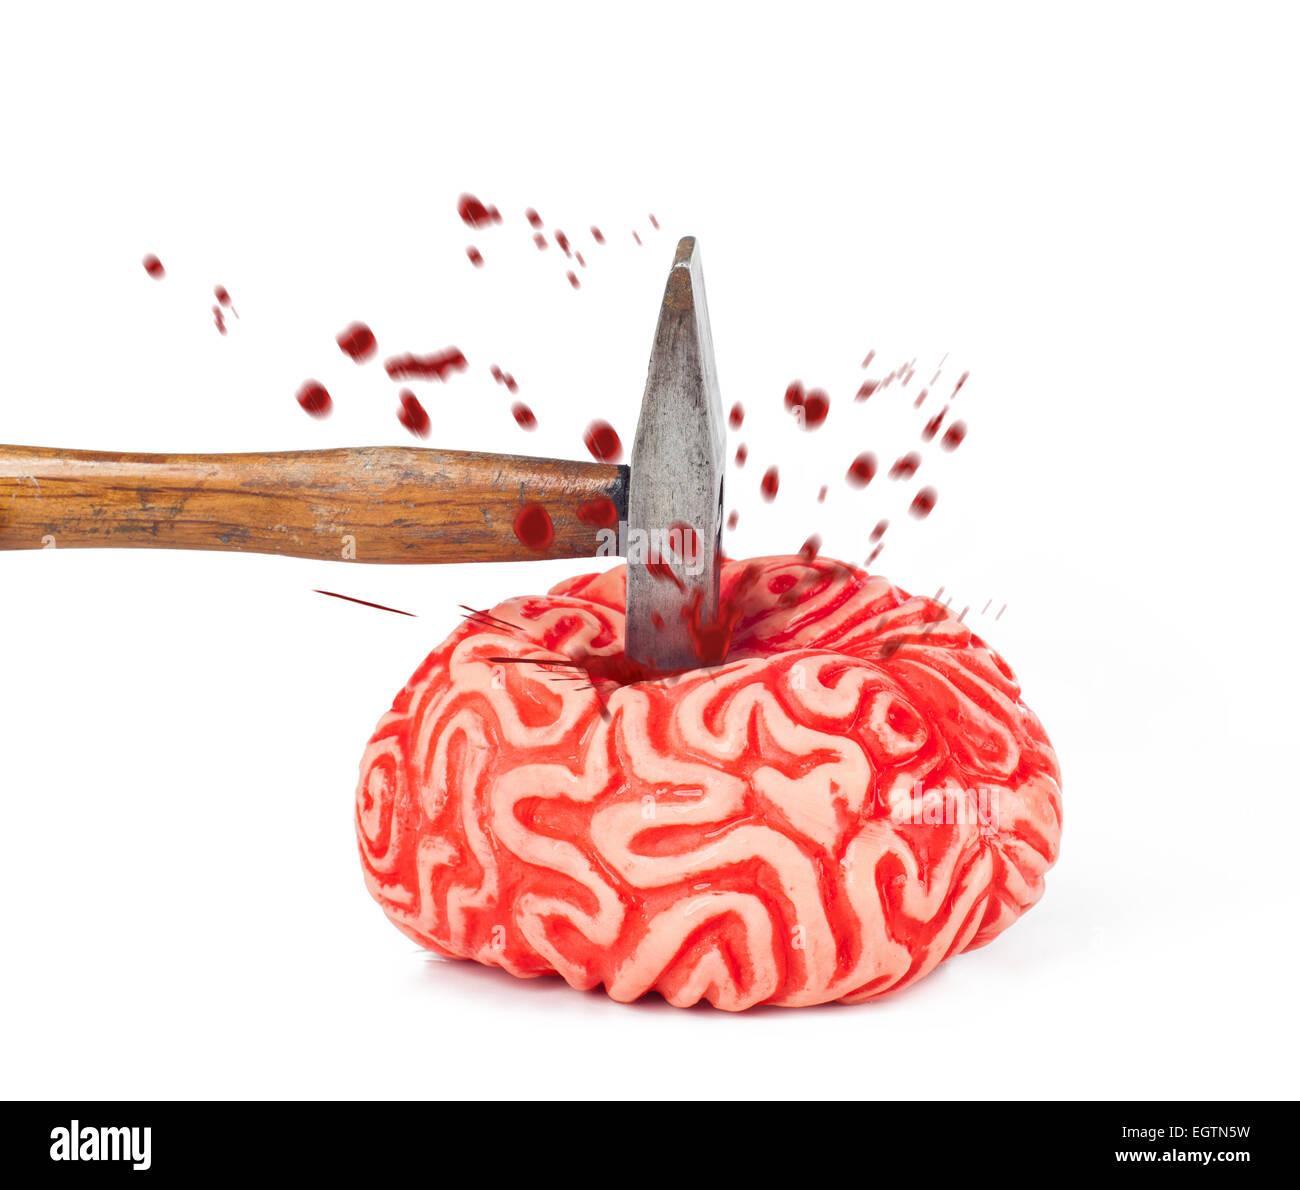 Cerveau humain à coup de marteau en caoutchouc et de déversement de sang isolé sur fond blanc. Photo Stock